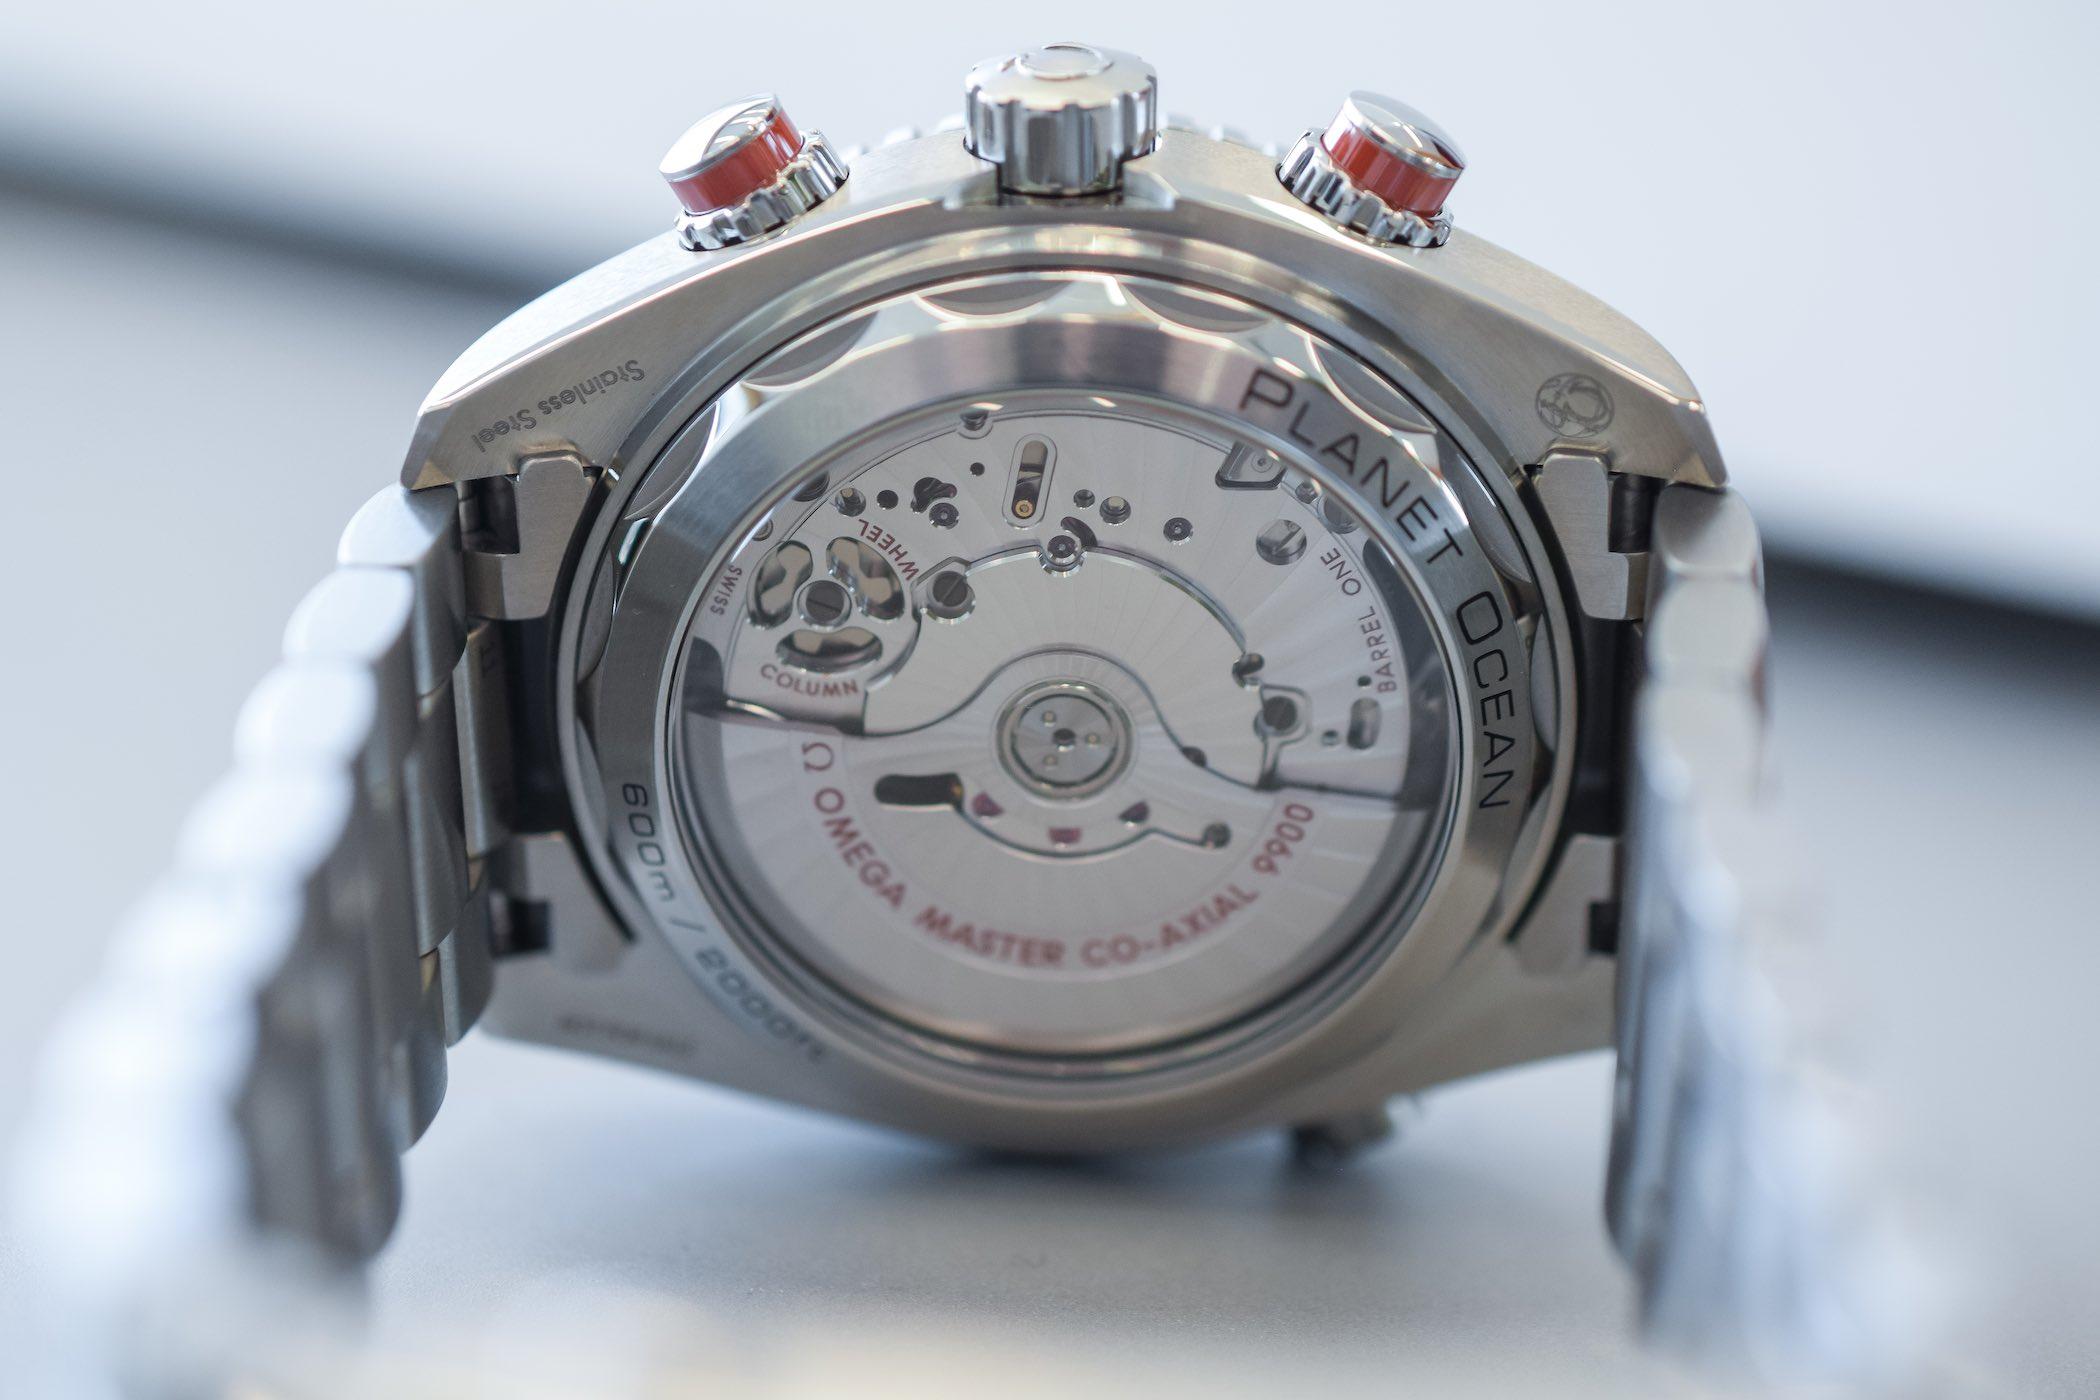 Omega Seamaster Planet Ocean 600m Chronograph Orange Ceramic Bezel and ceramised titanium dial - 215.30.46.51.99.001